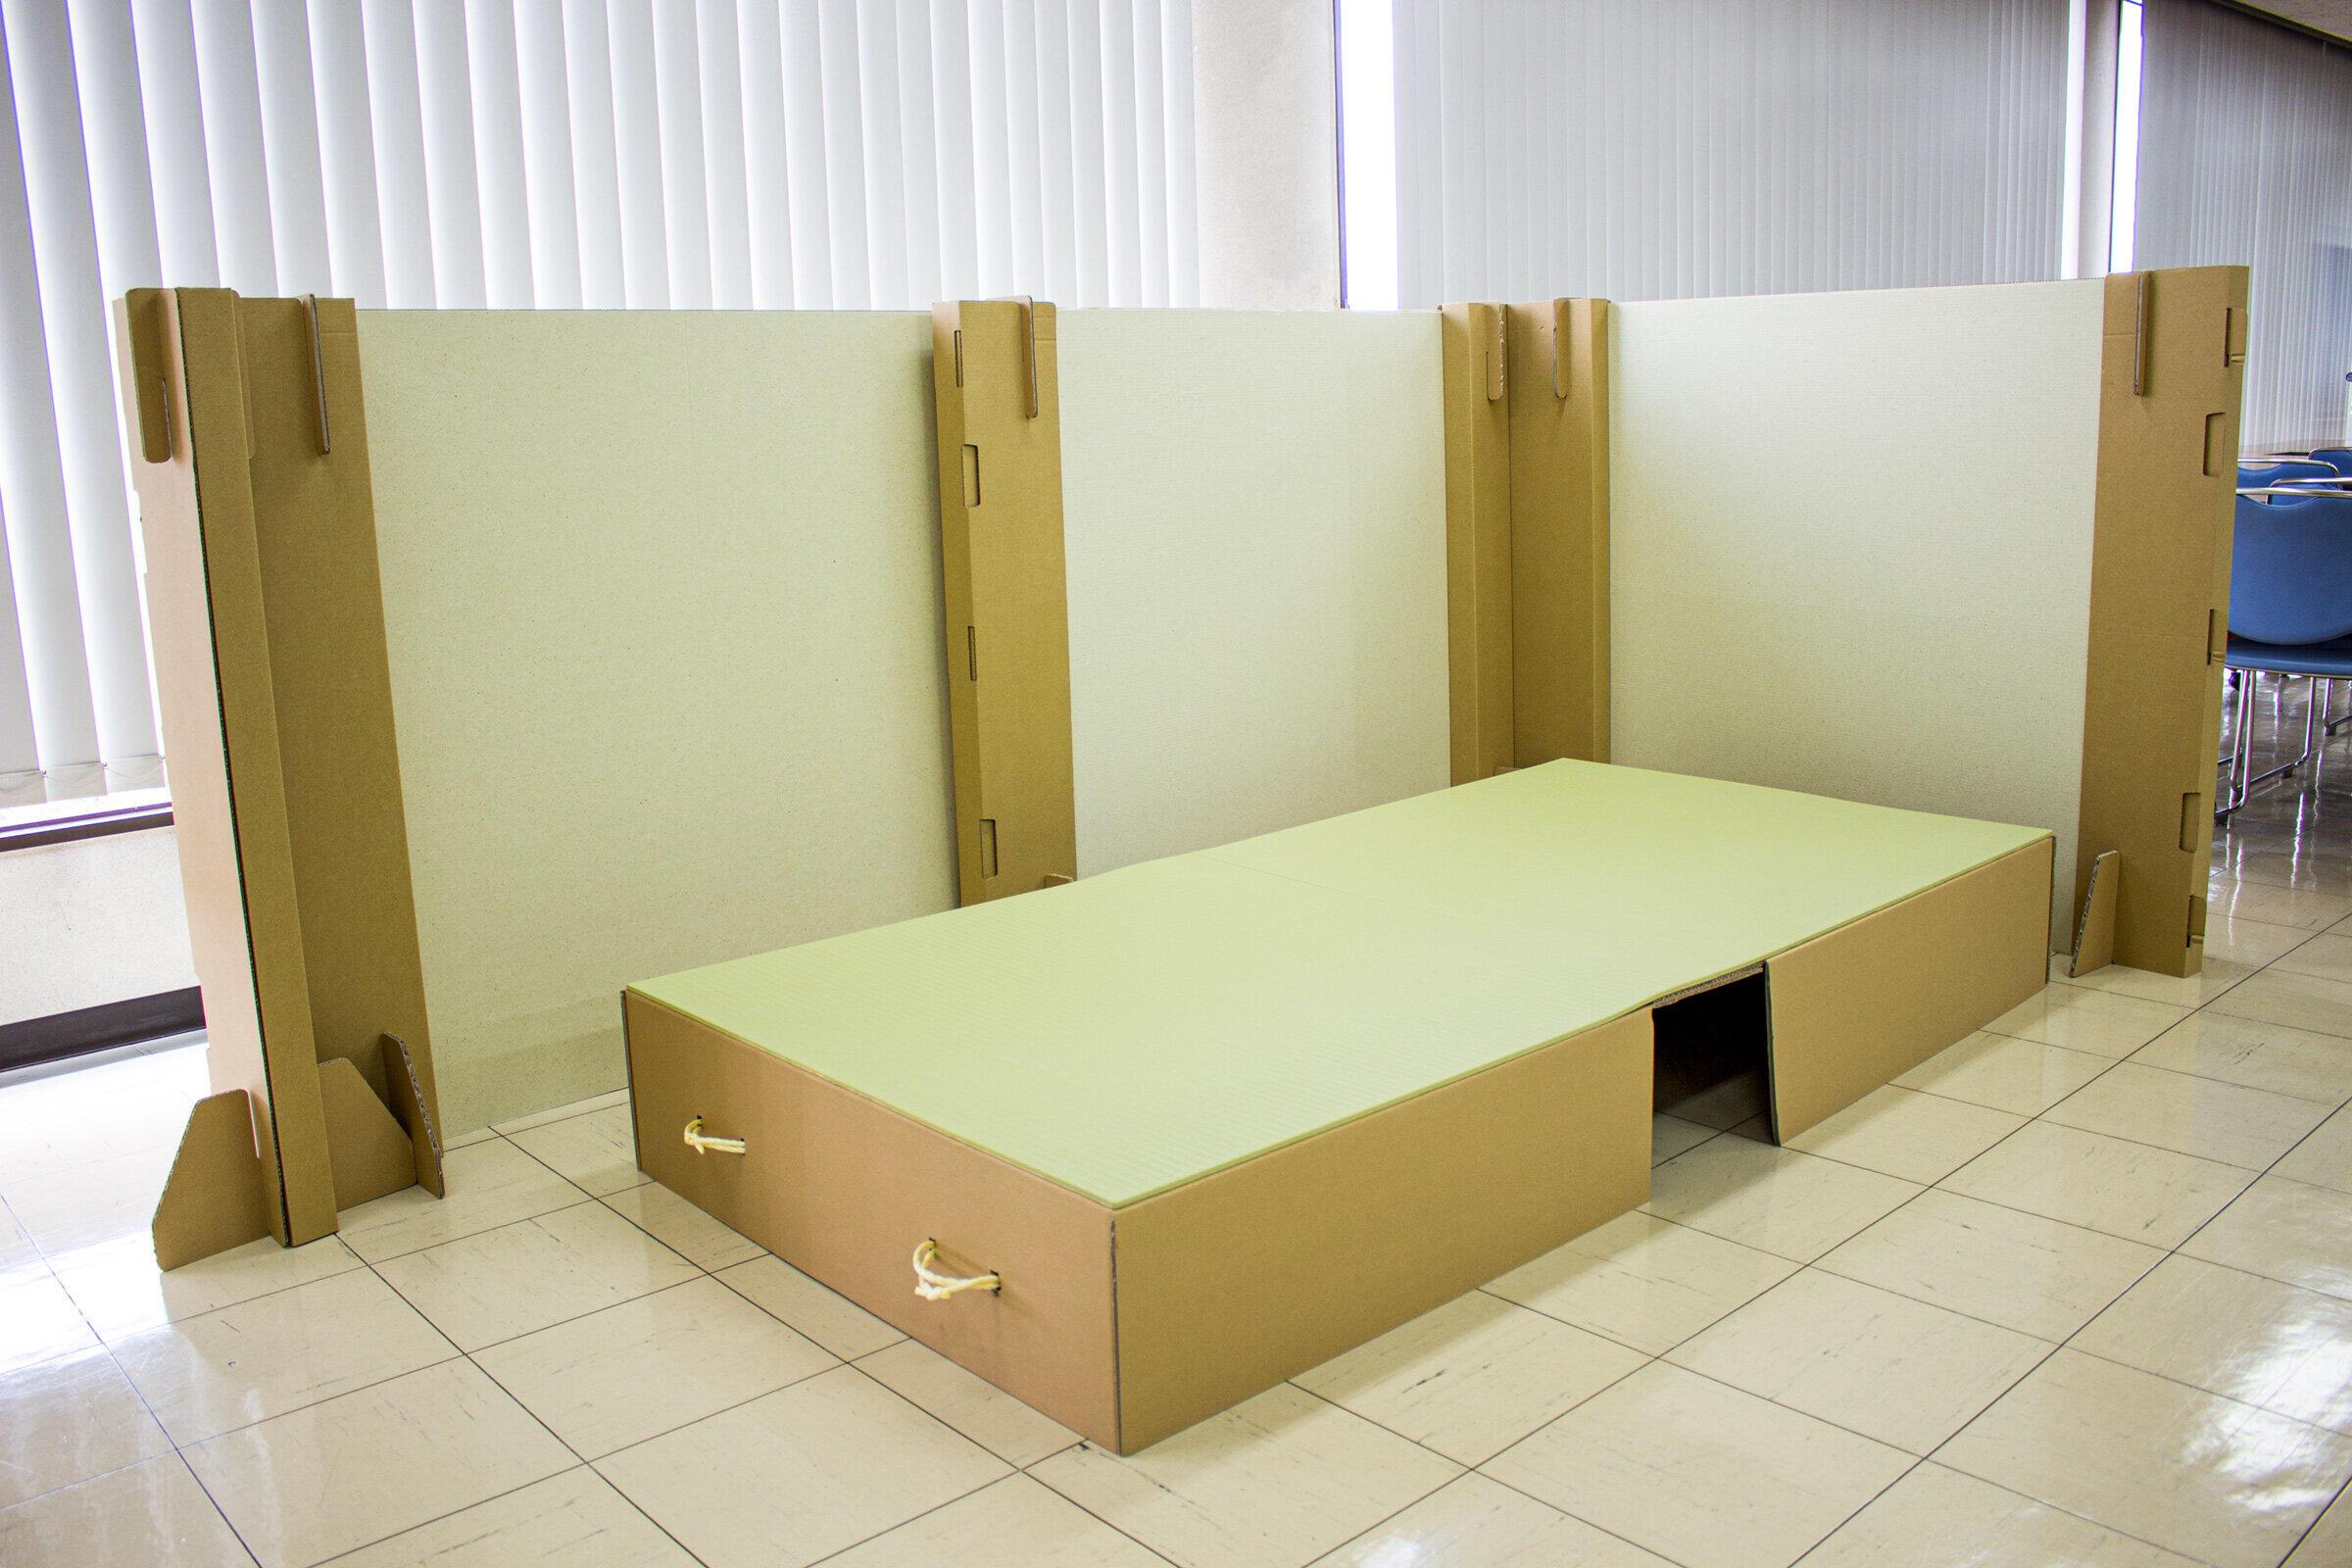 「くつろぎシリーズ」のマットと段ボールベッド、パーティションを合わせた避難所用3点セット